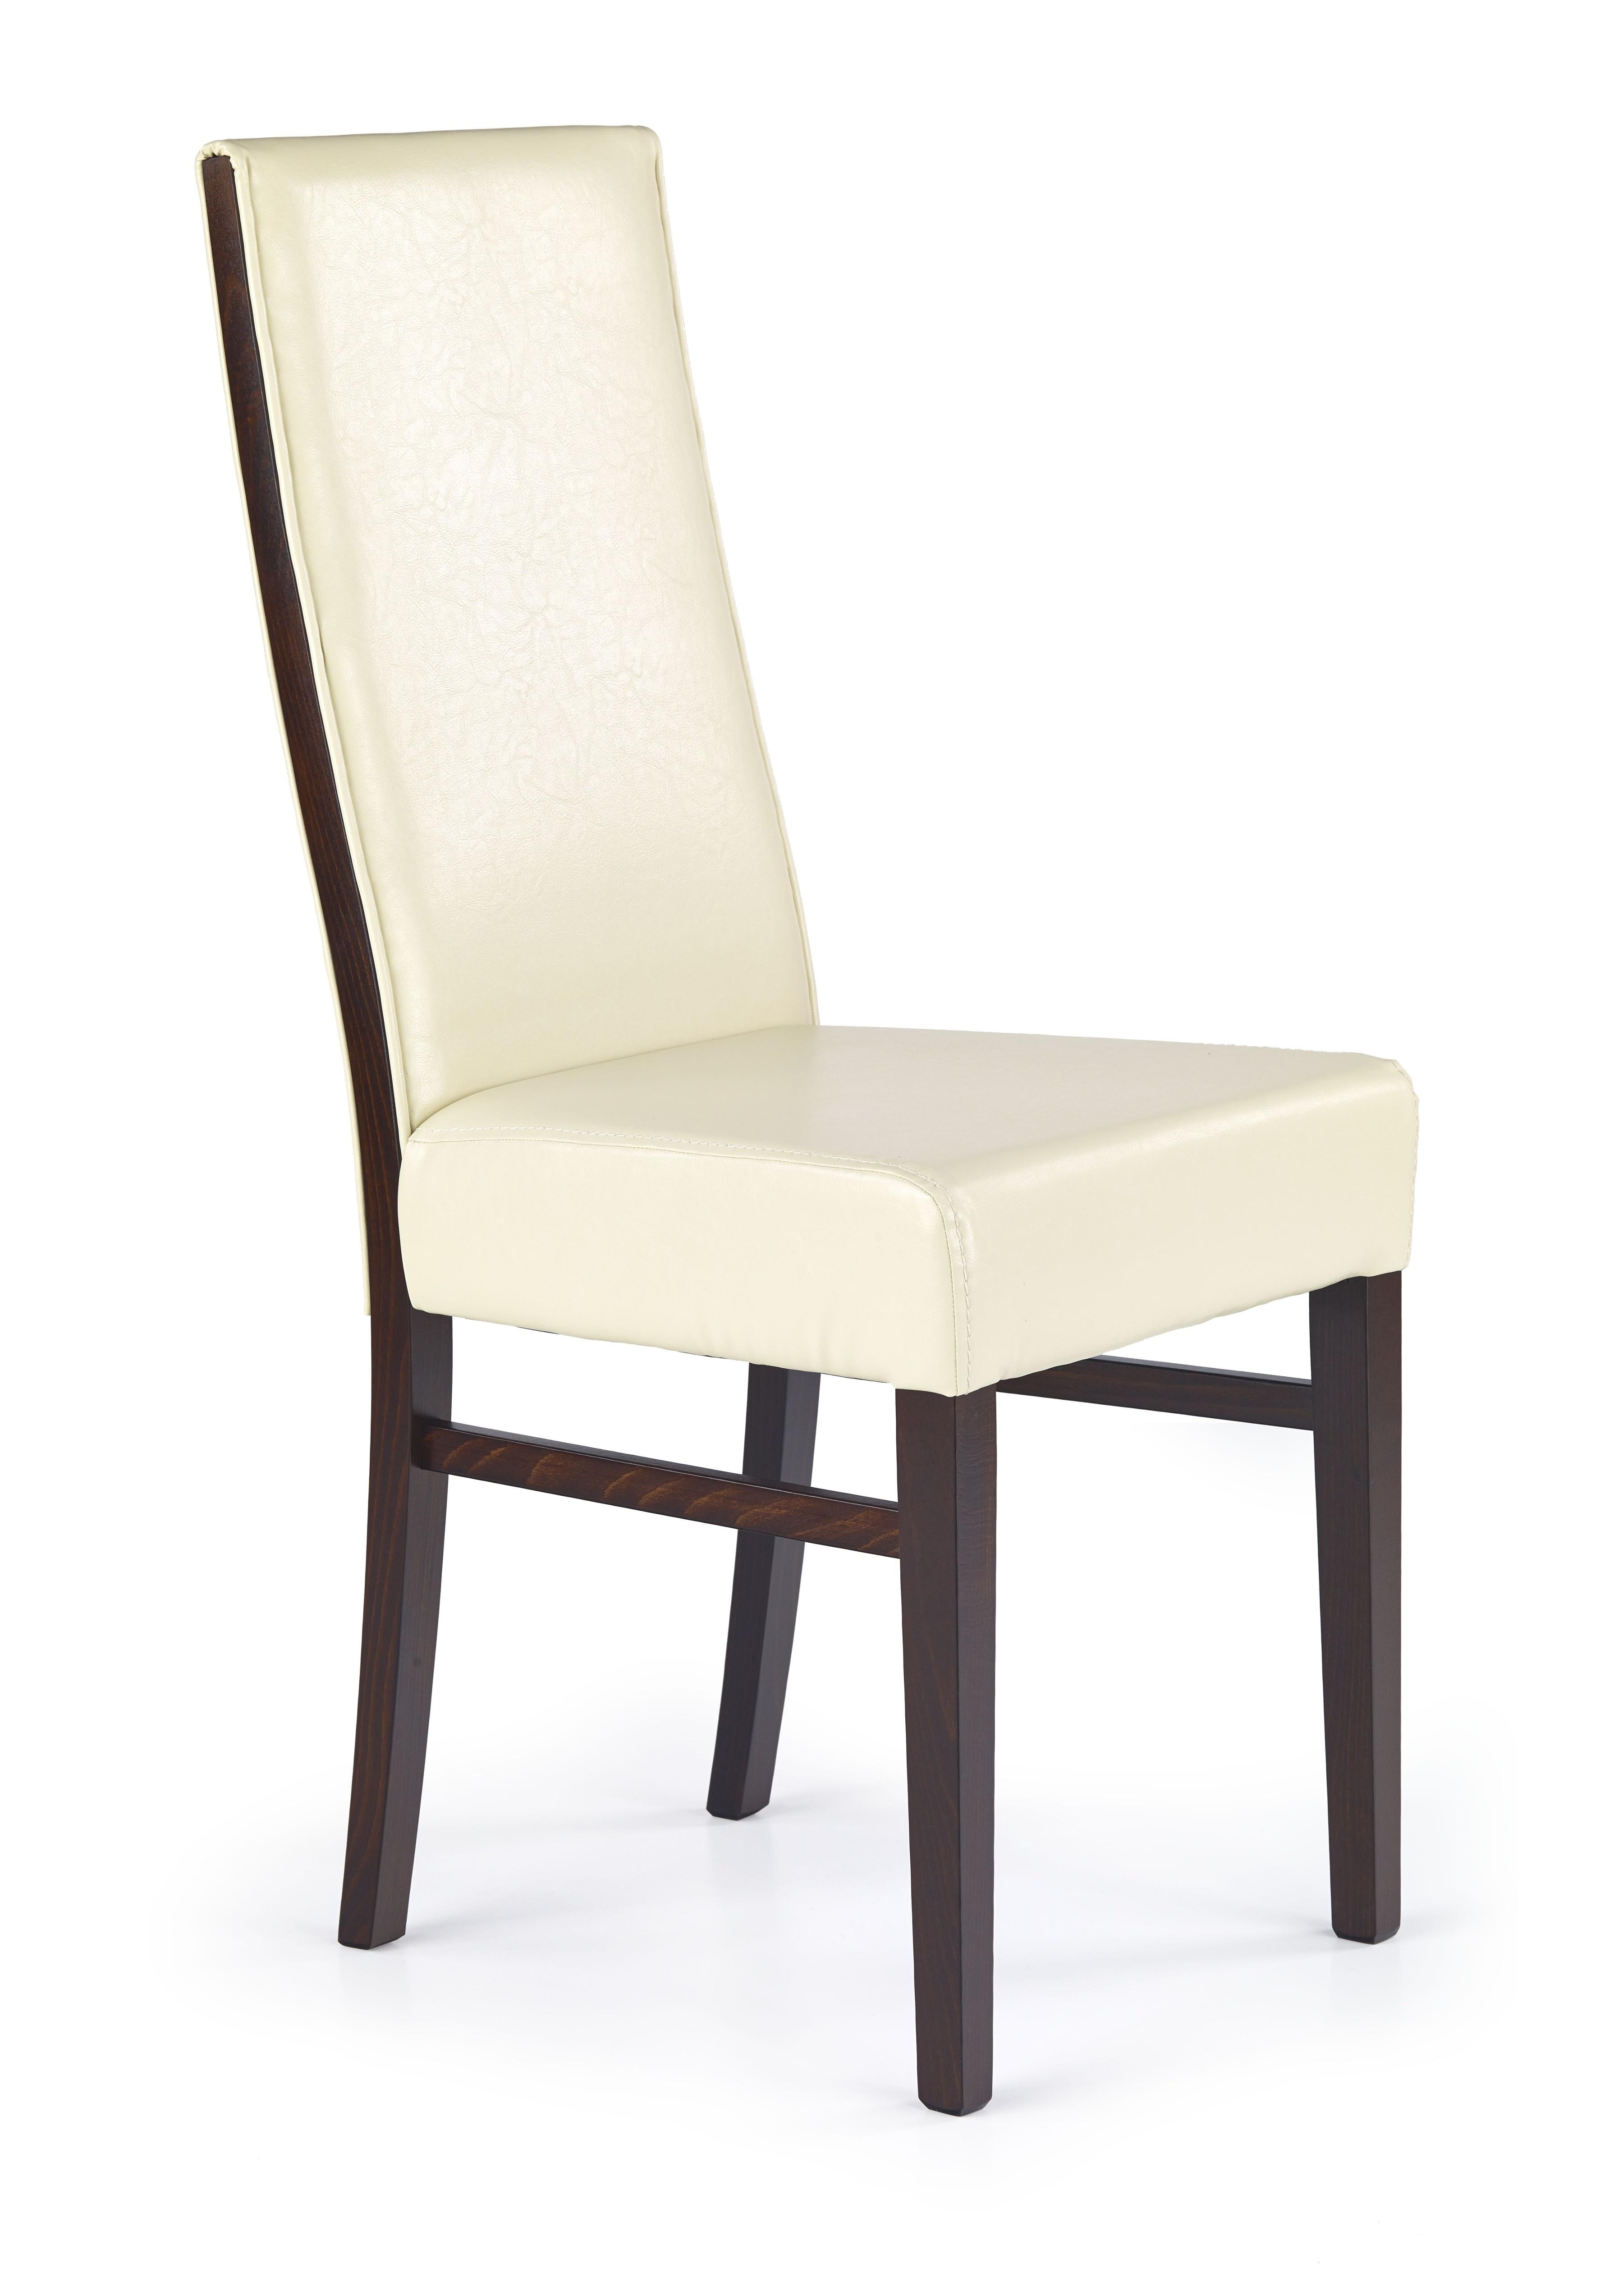 Jedálenská stolička - Halmar - LUDWIK MG1